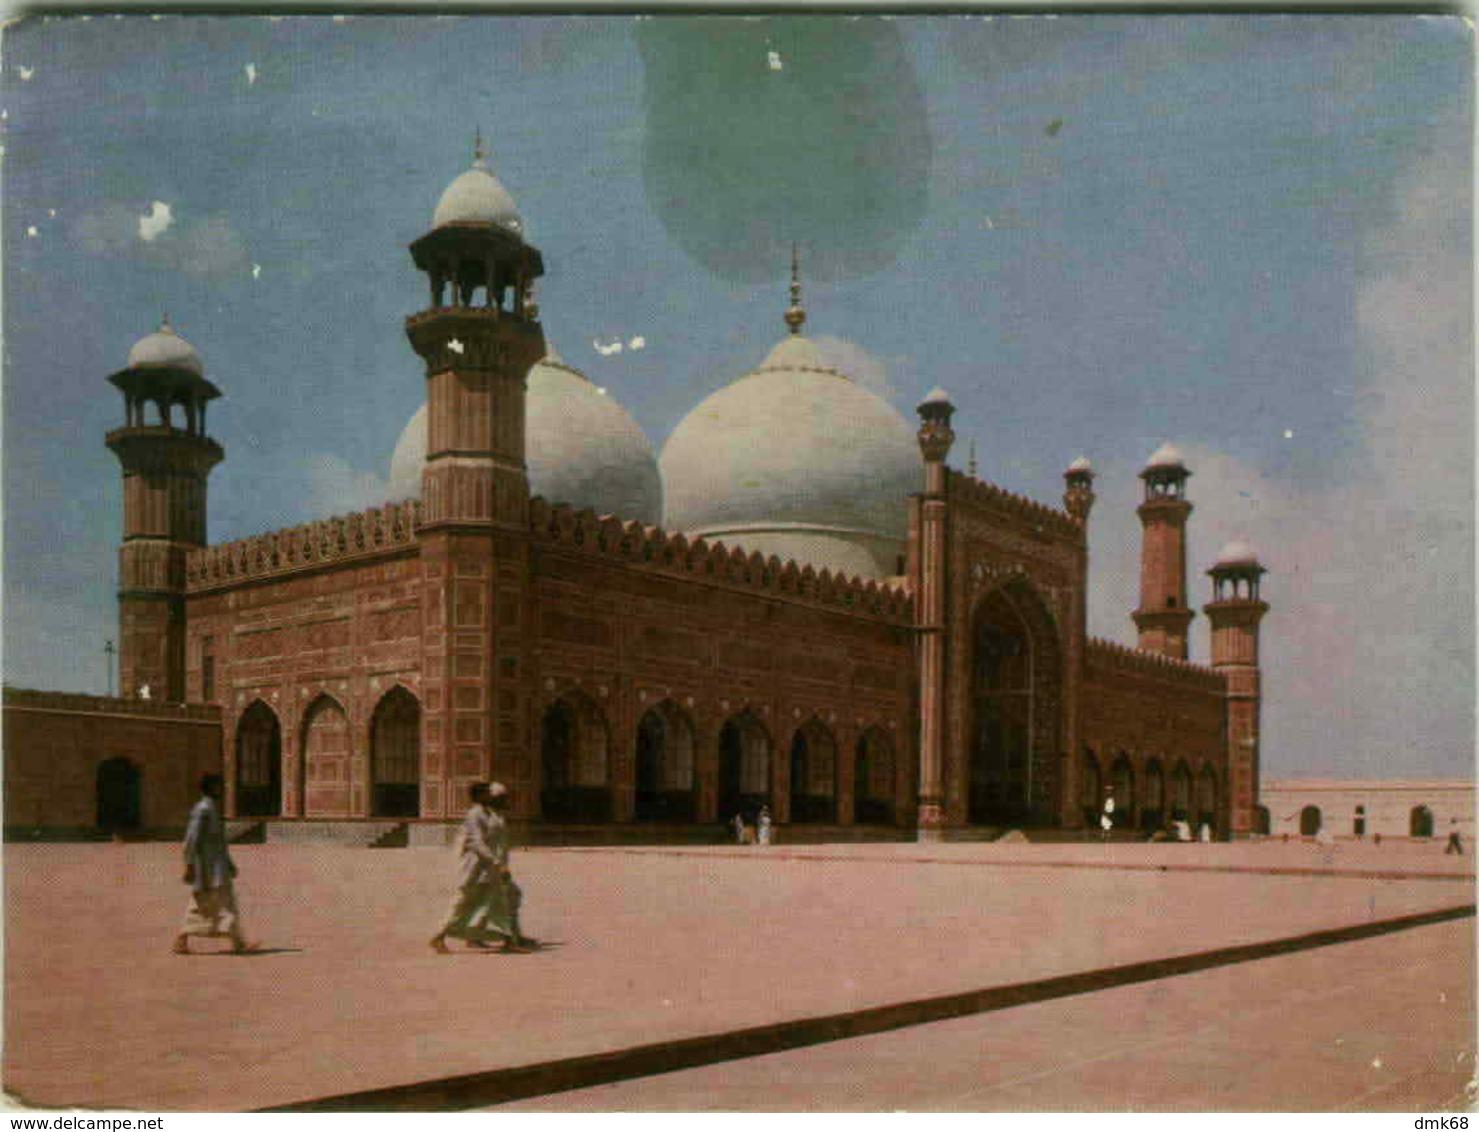 PAKISTAN - BADSHAI MOSQUE IN LAHORE - JAPAN AIR LINES - 1960s/70s (BG1976) - Pakistan